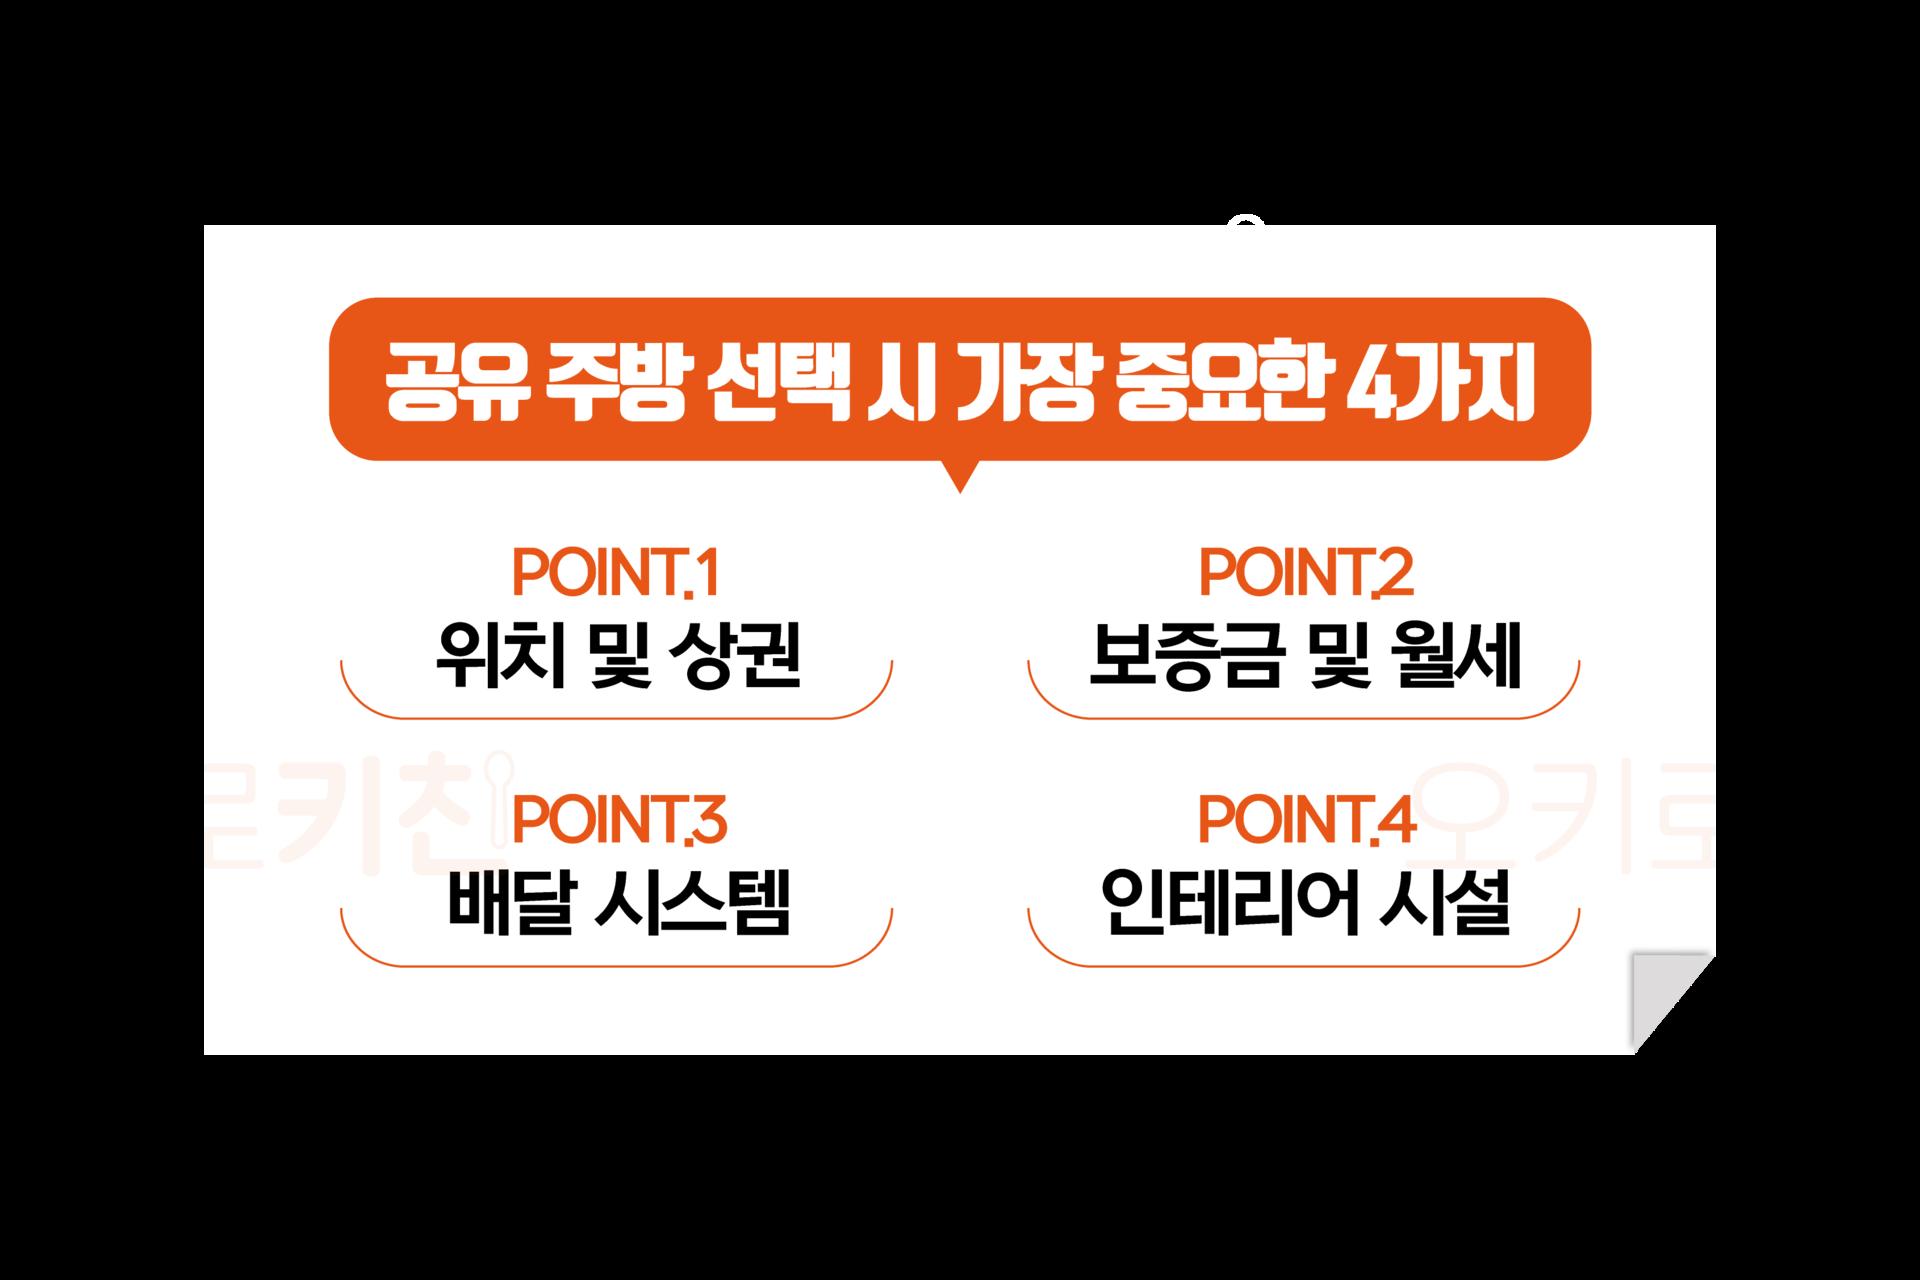 공유주방 및 서울공유주방을 선택할때 가장 중요한 점 네 가지를 설명해 드립니다. 1. 위치 및 상권, 2.보증금 및 월세, 3.배달시스템 4.인테리어시설(점주님 업무환경 최적화)